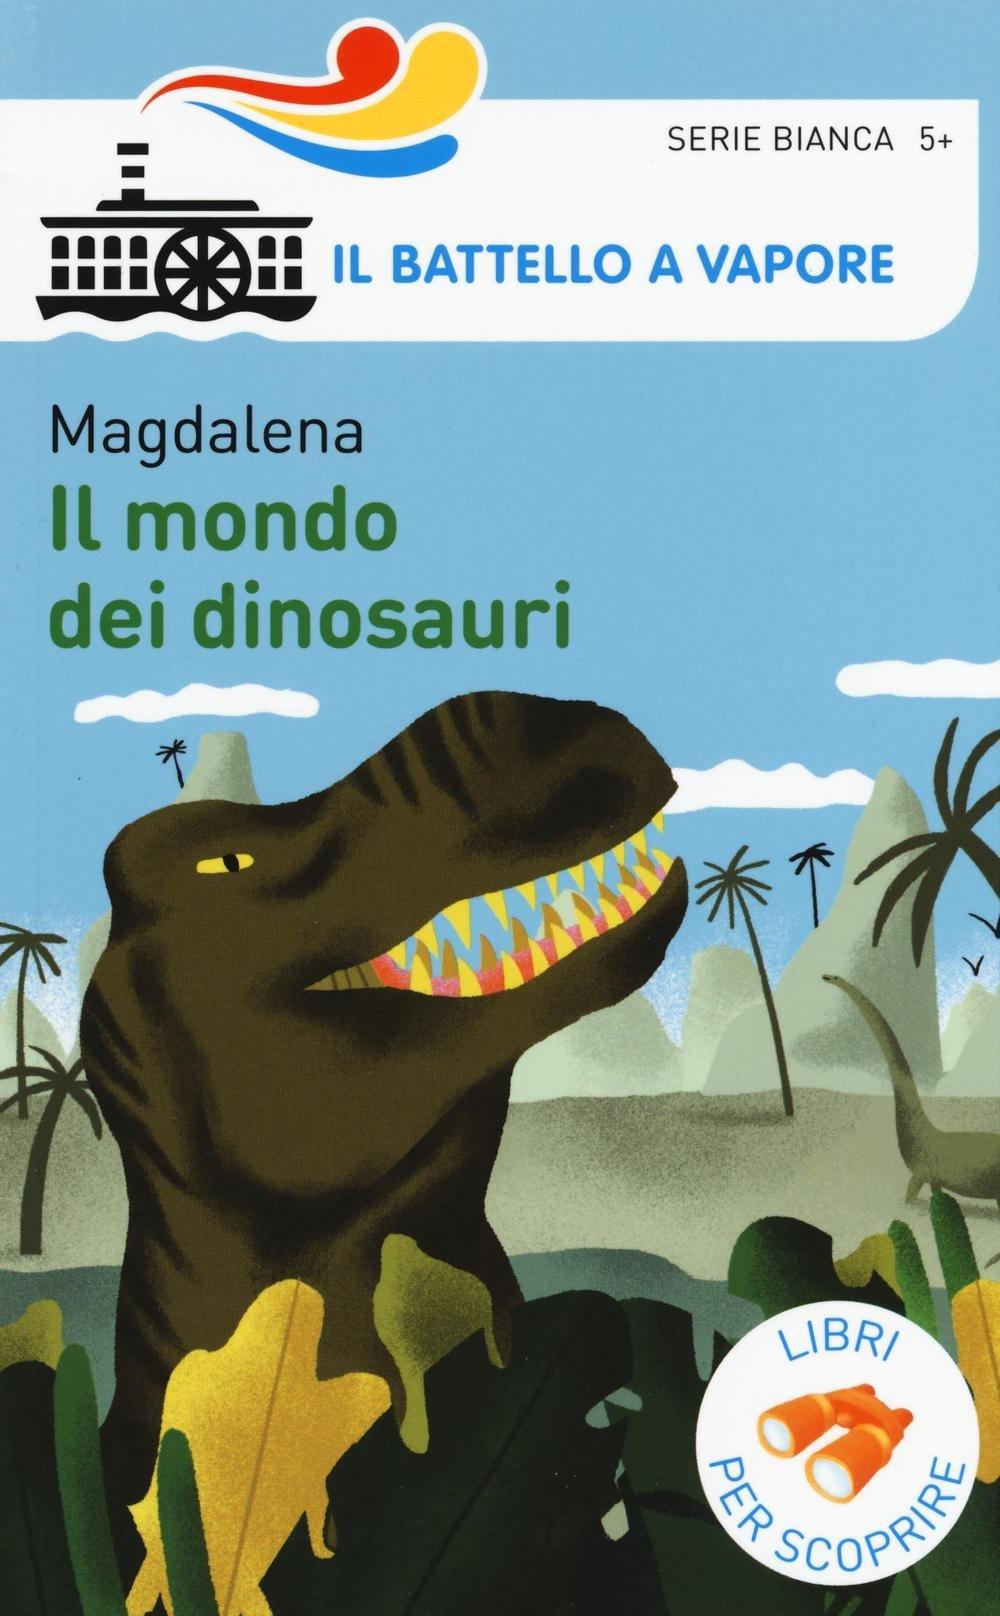 Il mondo dei dinosauri, Magdalena, Piemme, € 8.90, dai 6 anni STAMPATO MAIUSCOLO